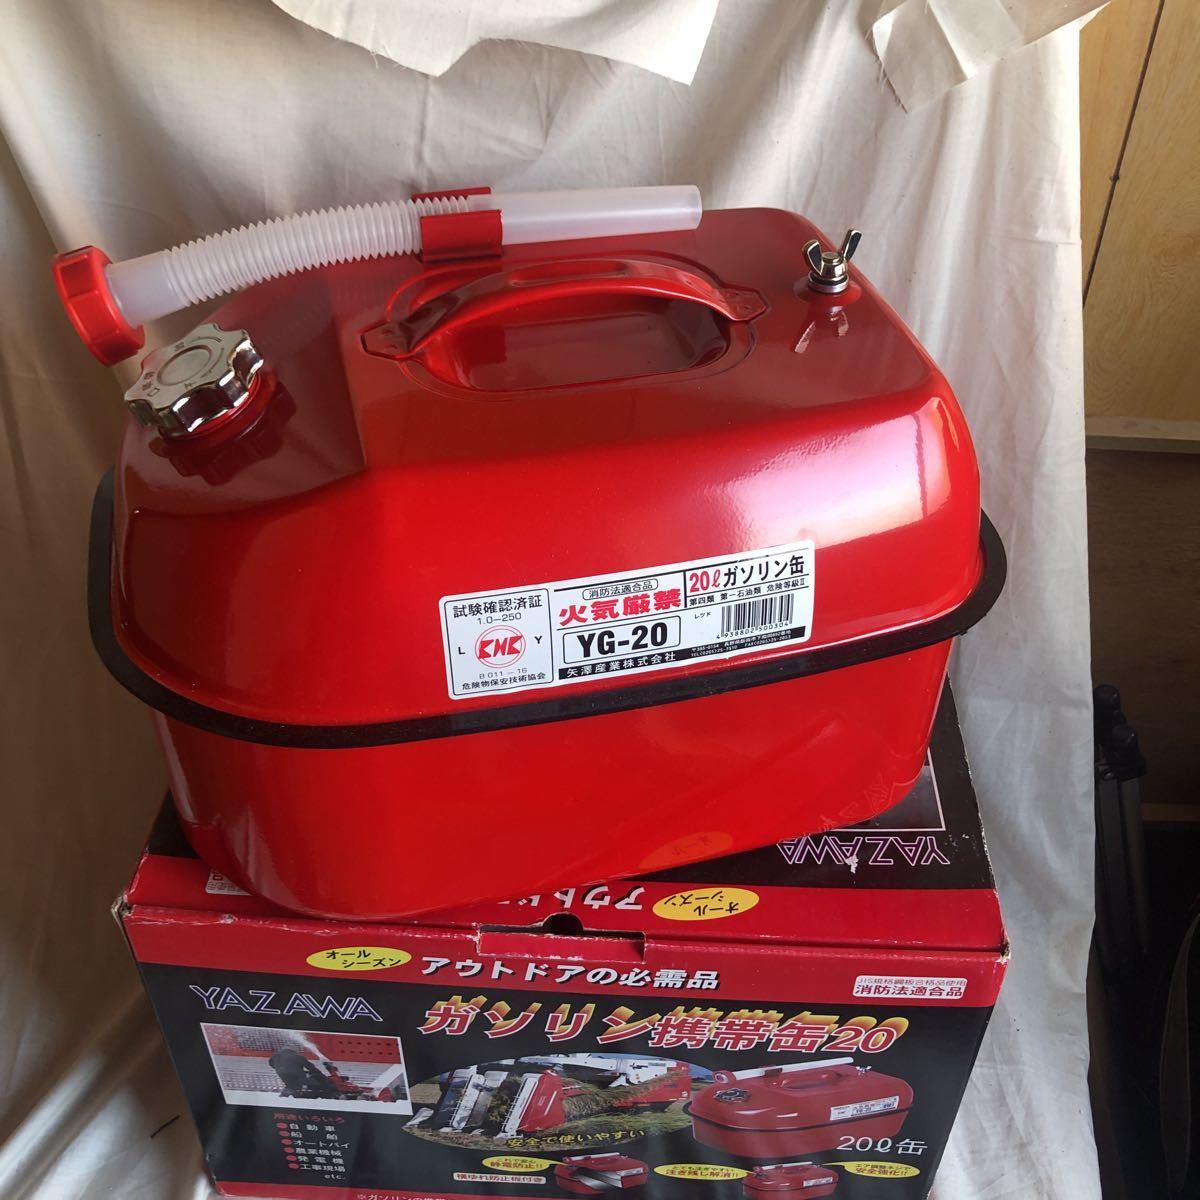 YAZAWA ガソリン携行缶 携帯缶 20リットル 鉄製容器 新品未使用 アウトドア オールシーズン JIS規格 消防法適合品